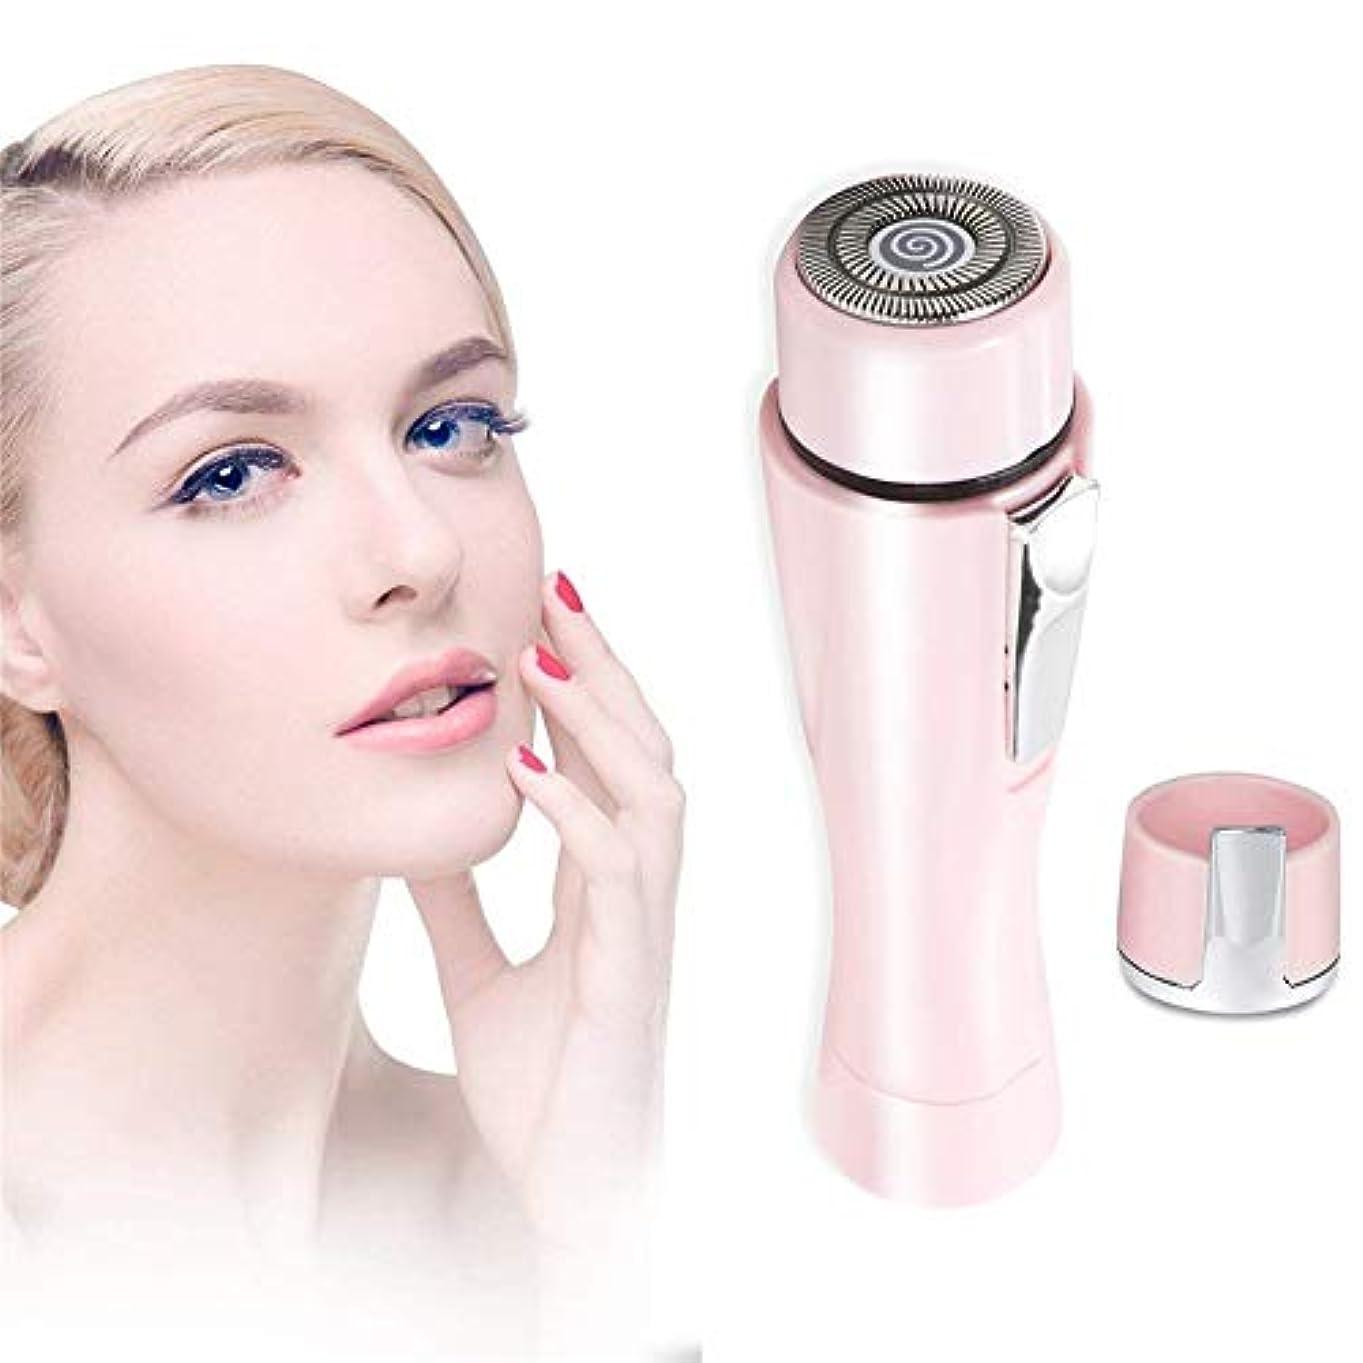 満たす誓う起きている電気毛の除去剤、痛みのない顔の毛の除去剤、完璧な女性の顔の毛のトリマー - ピーチファズ、あご&上唇の口ひげの毛の効果的な除去